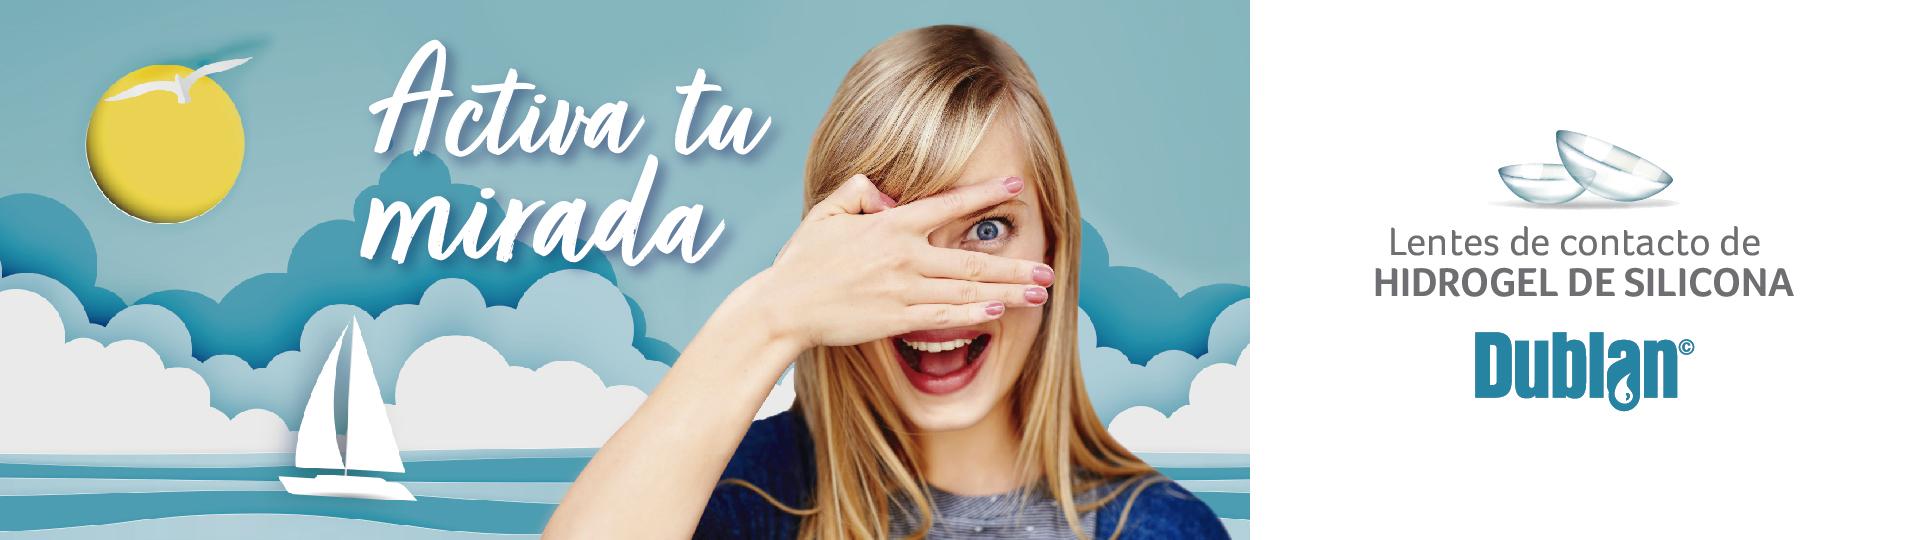 Campaña 2019 de lentes de contacto dublan en Federópticos